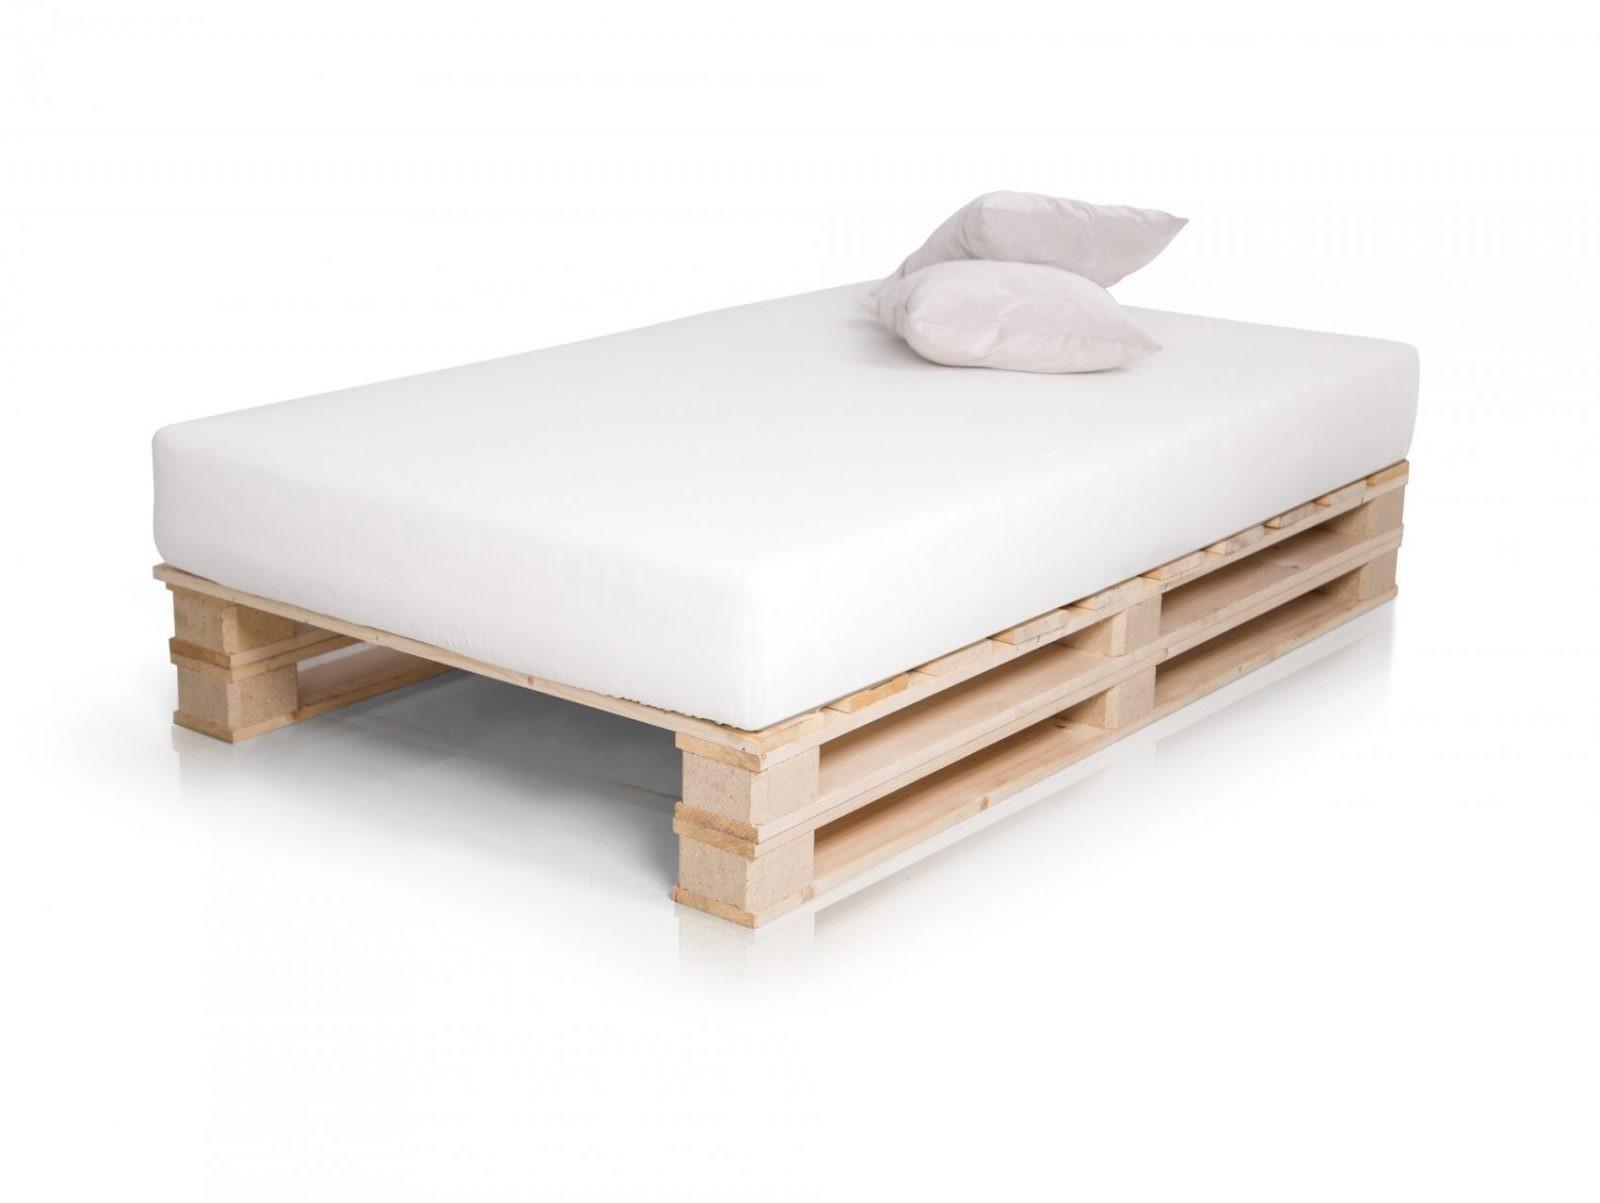 Bett 120X200 Gebraucht Mit Bettkasten Gunstig Billig Poco Holzbett von Otto Bett 120X200 Photo